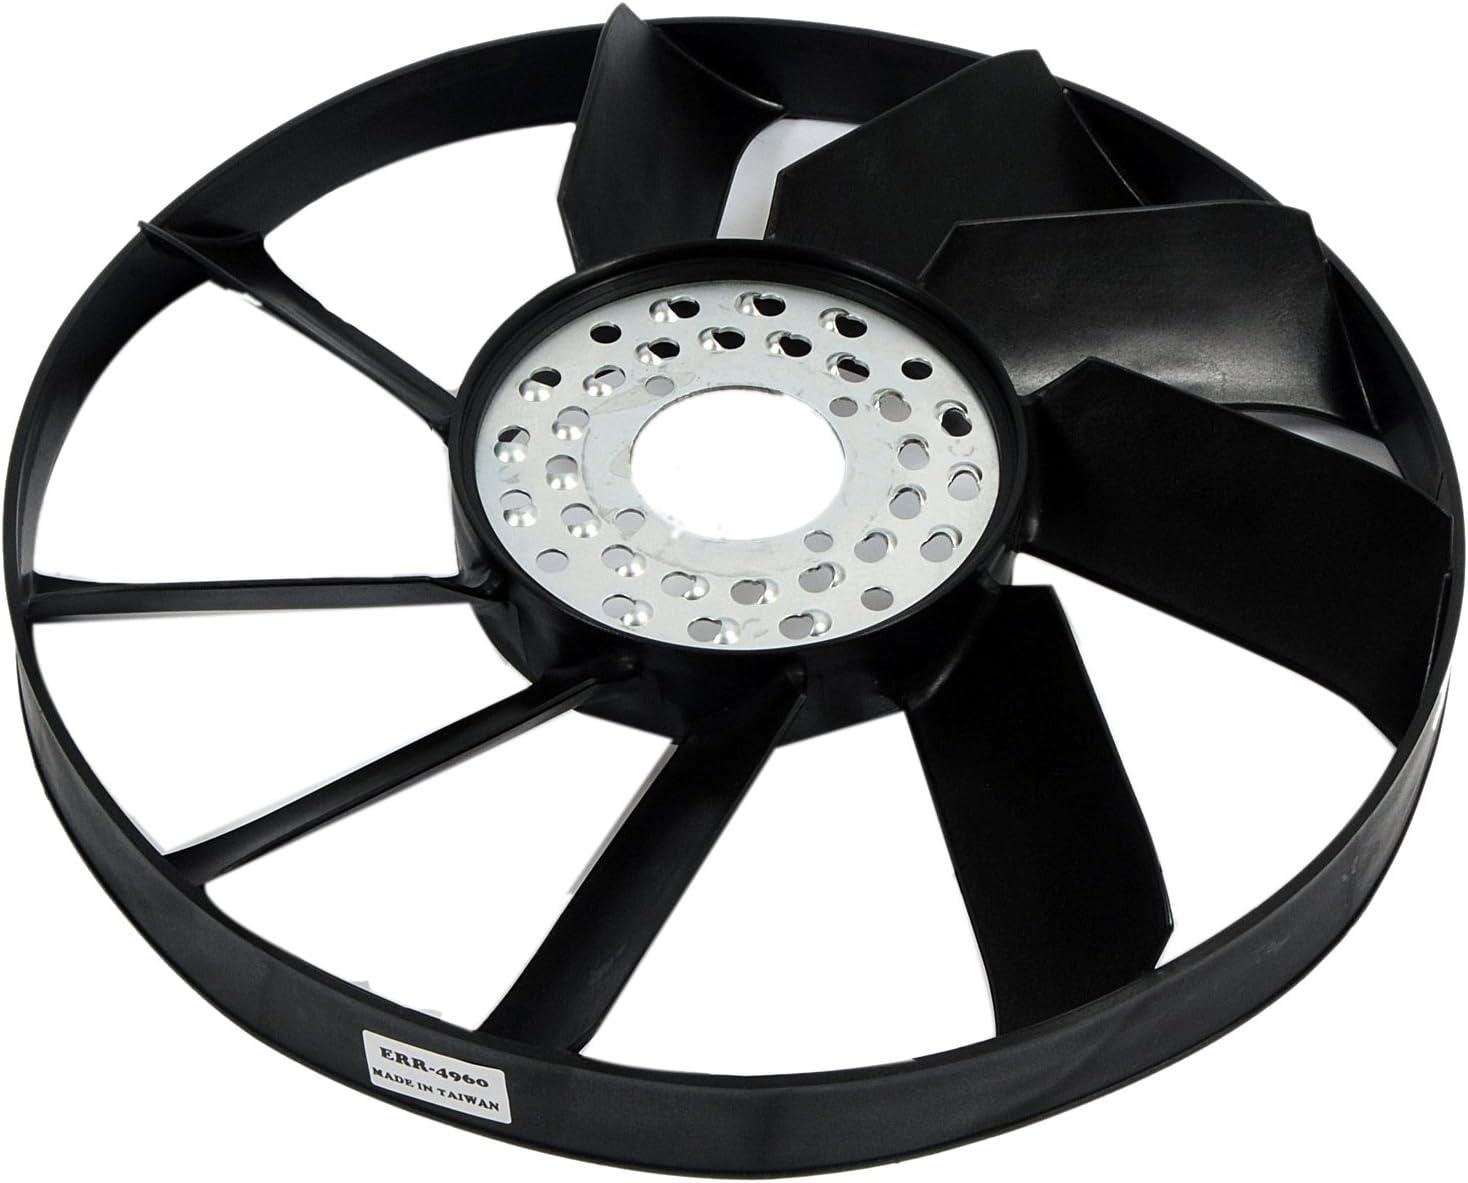 TT Racing Black Silicone Radiator Hose Kit for Honda Civic B-series Type R B16A B16B DC2 EK4 EK9 EG6 EG10 TT1304CBK